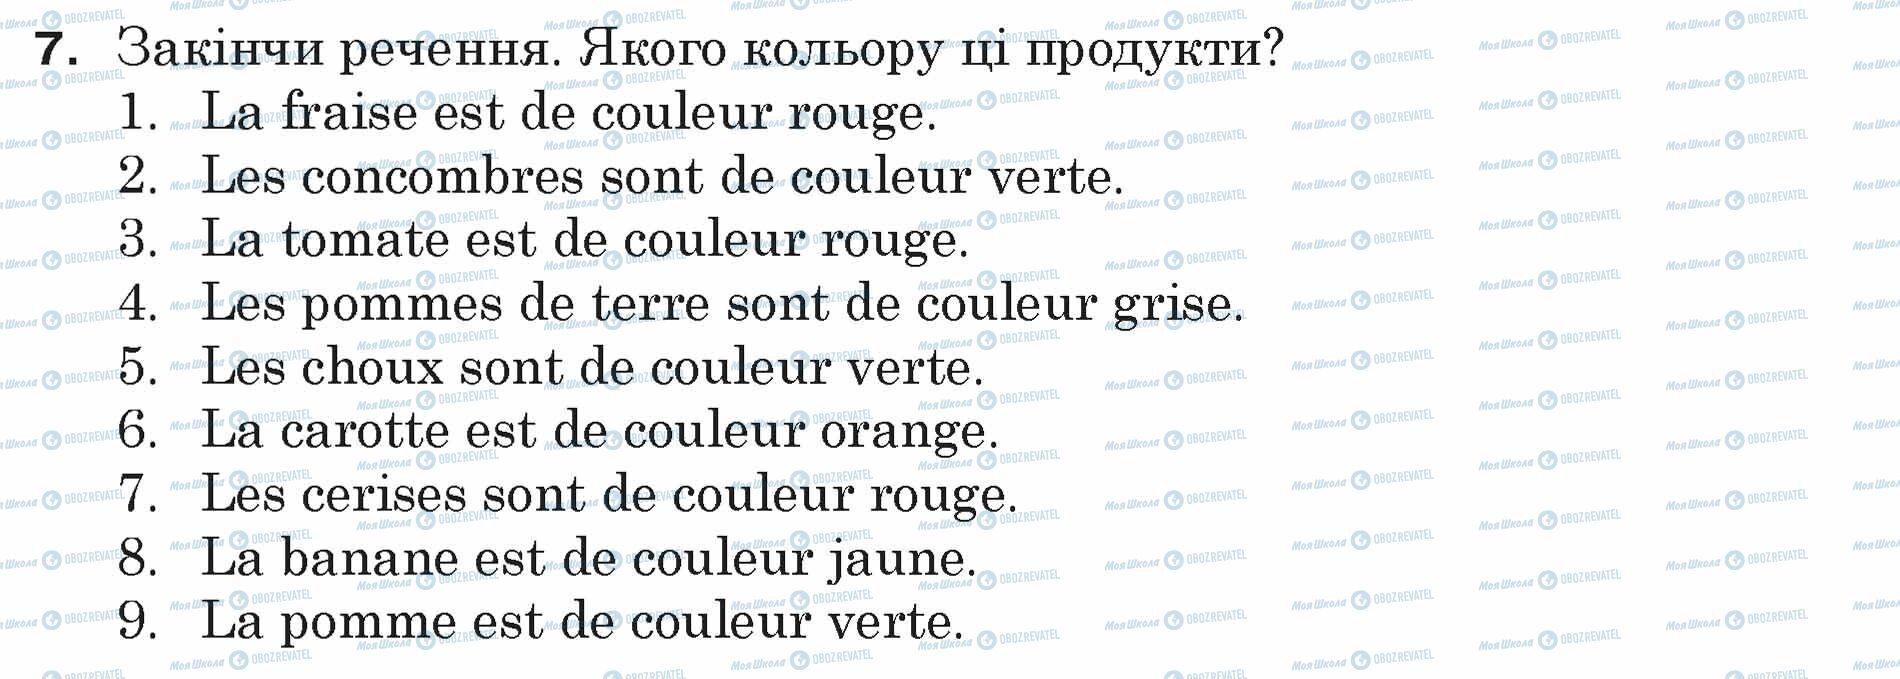 ГДЗ Французский язык 5 класс страница 7